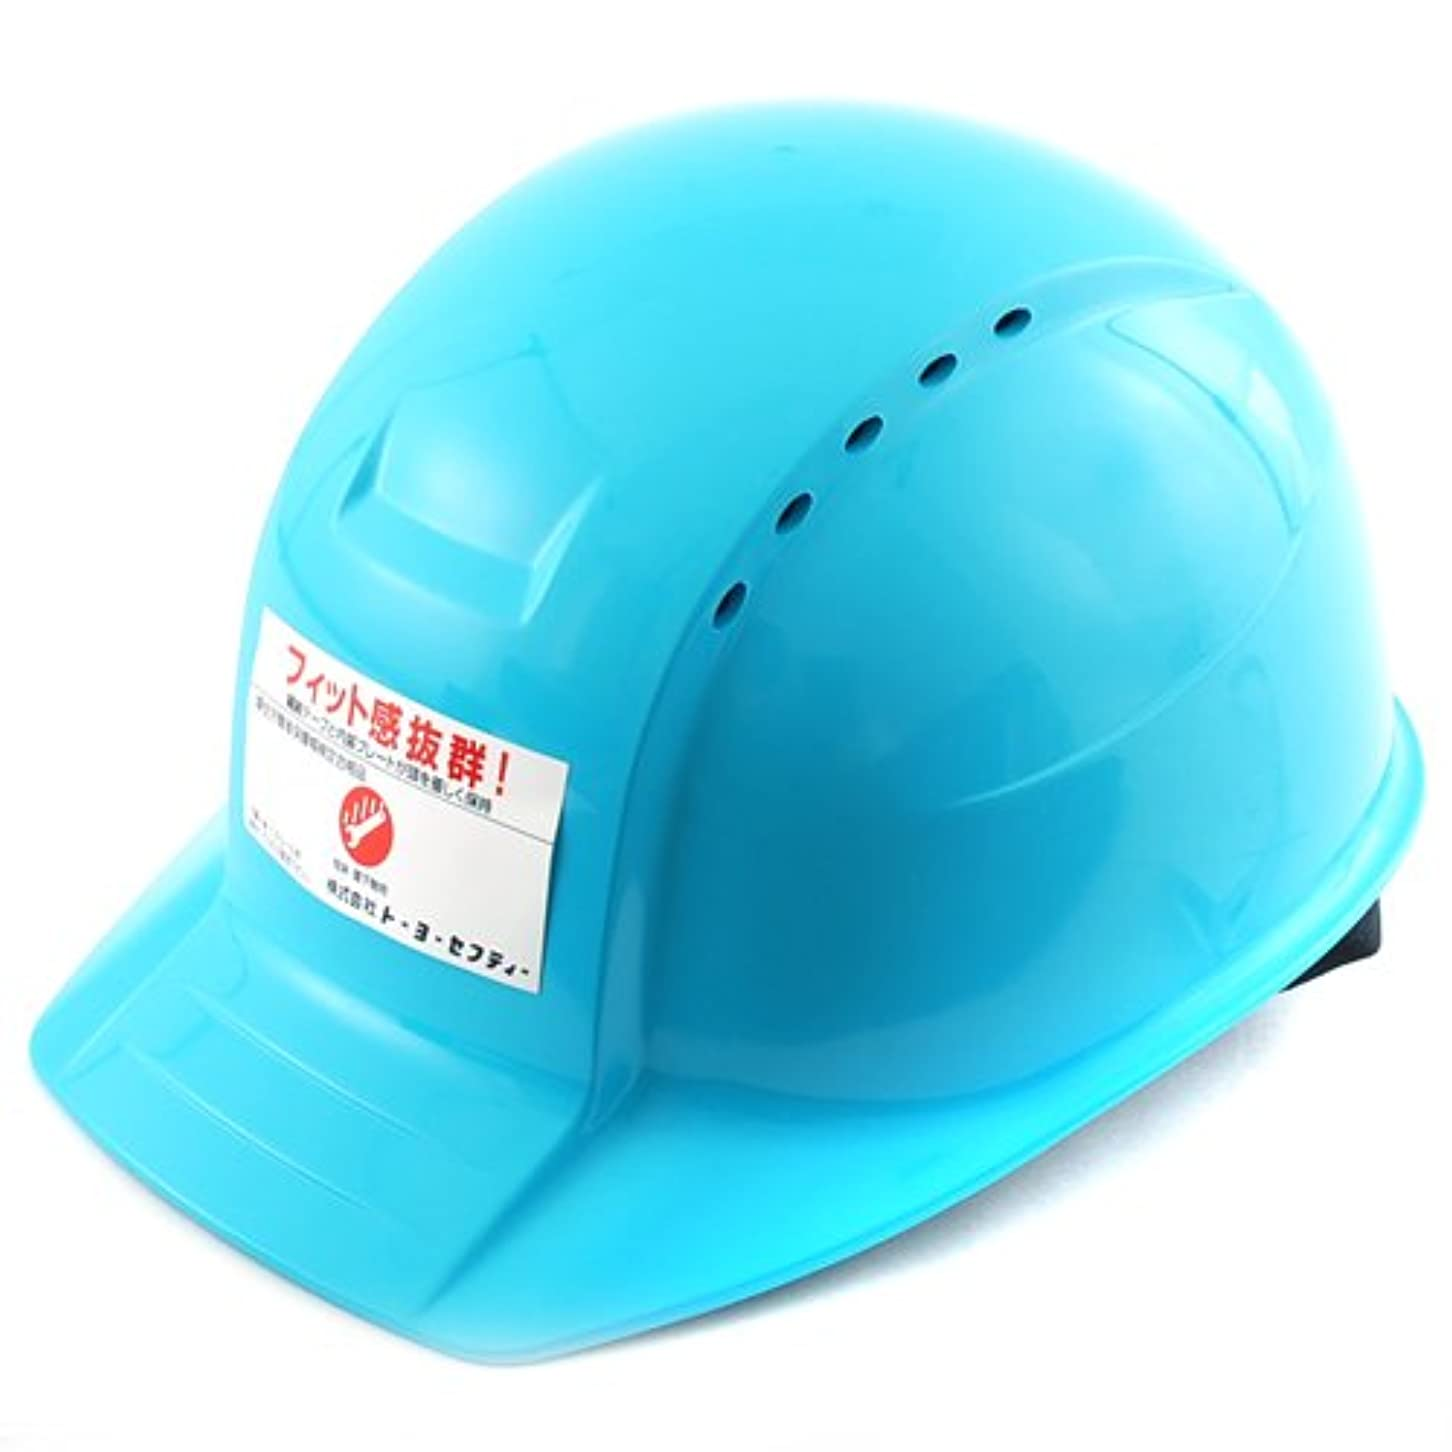 余裕があるチャレンジみぞれTOYO 通気孔付きヘルメット No.360F 水色 軽量 通気孔付 日本製